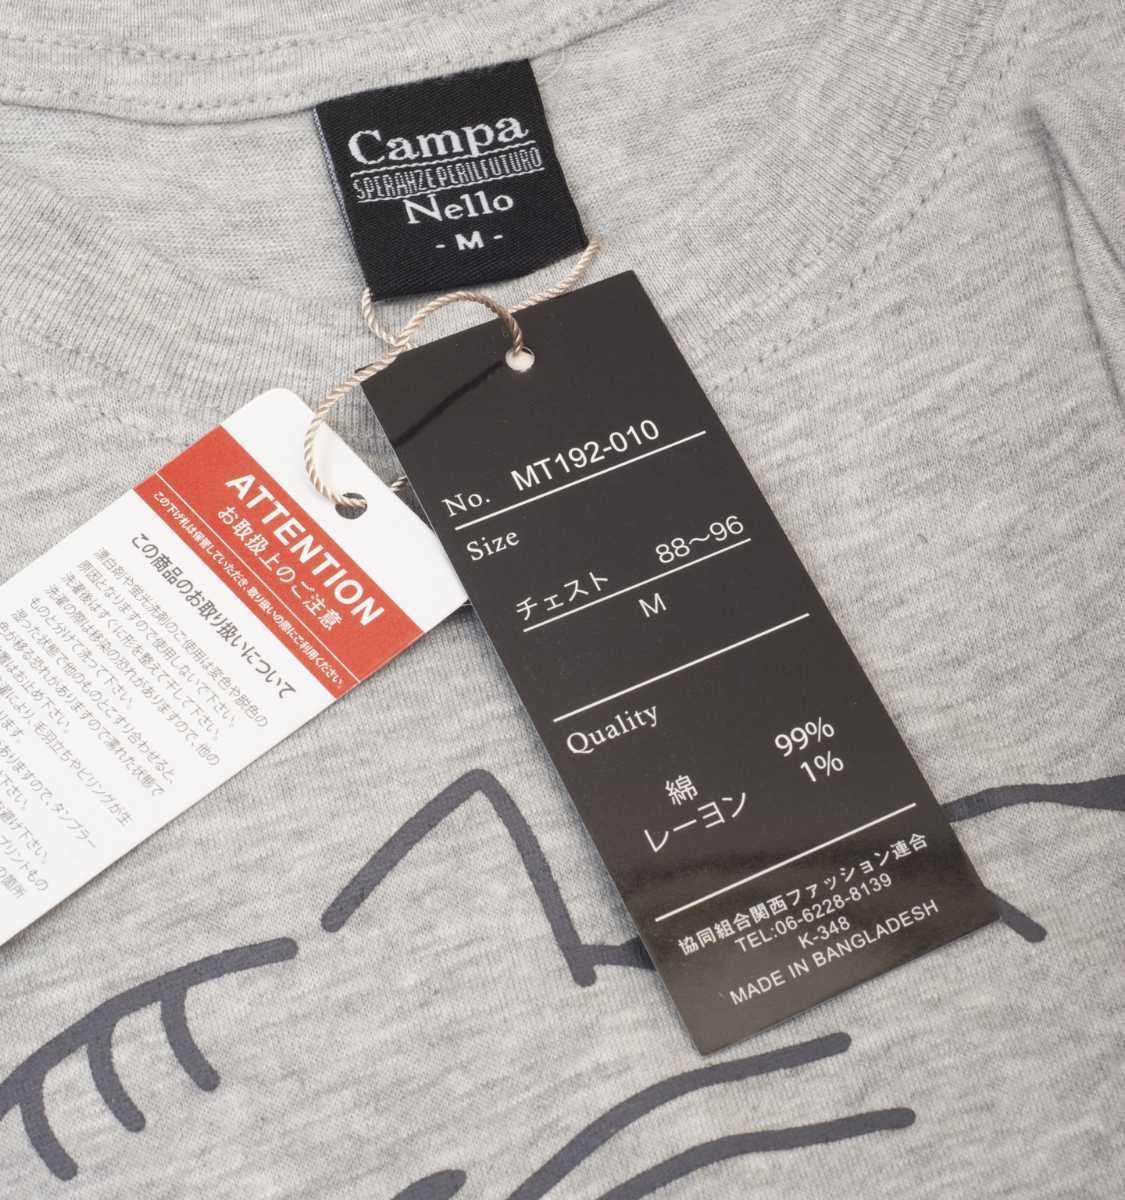 【新品未使用】M 眠りネコデザイン 半袖Tシャツ ライトグレー プリントTシャツ ネコ 猫 キャラT メンズ トップス 男女兼用 カワイイ cat